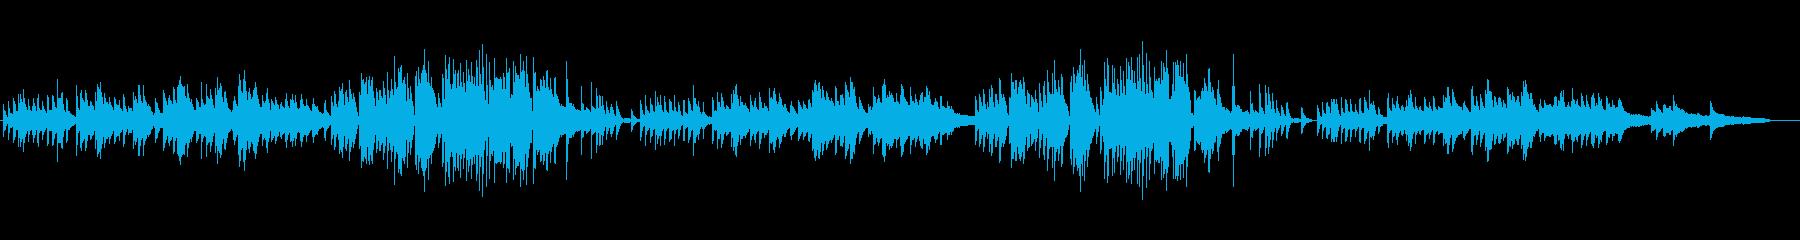 抒情小曲集より「エレジー」の再生済みの波形